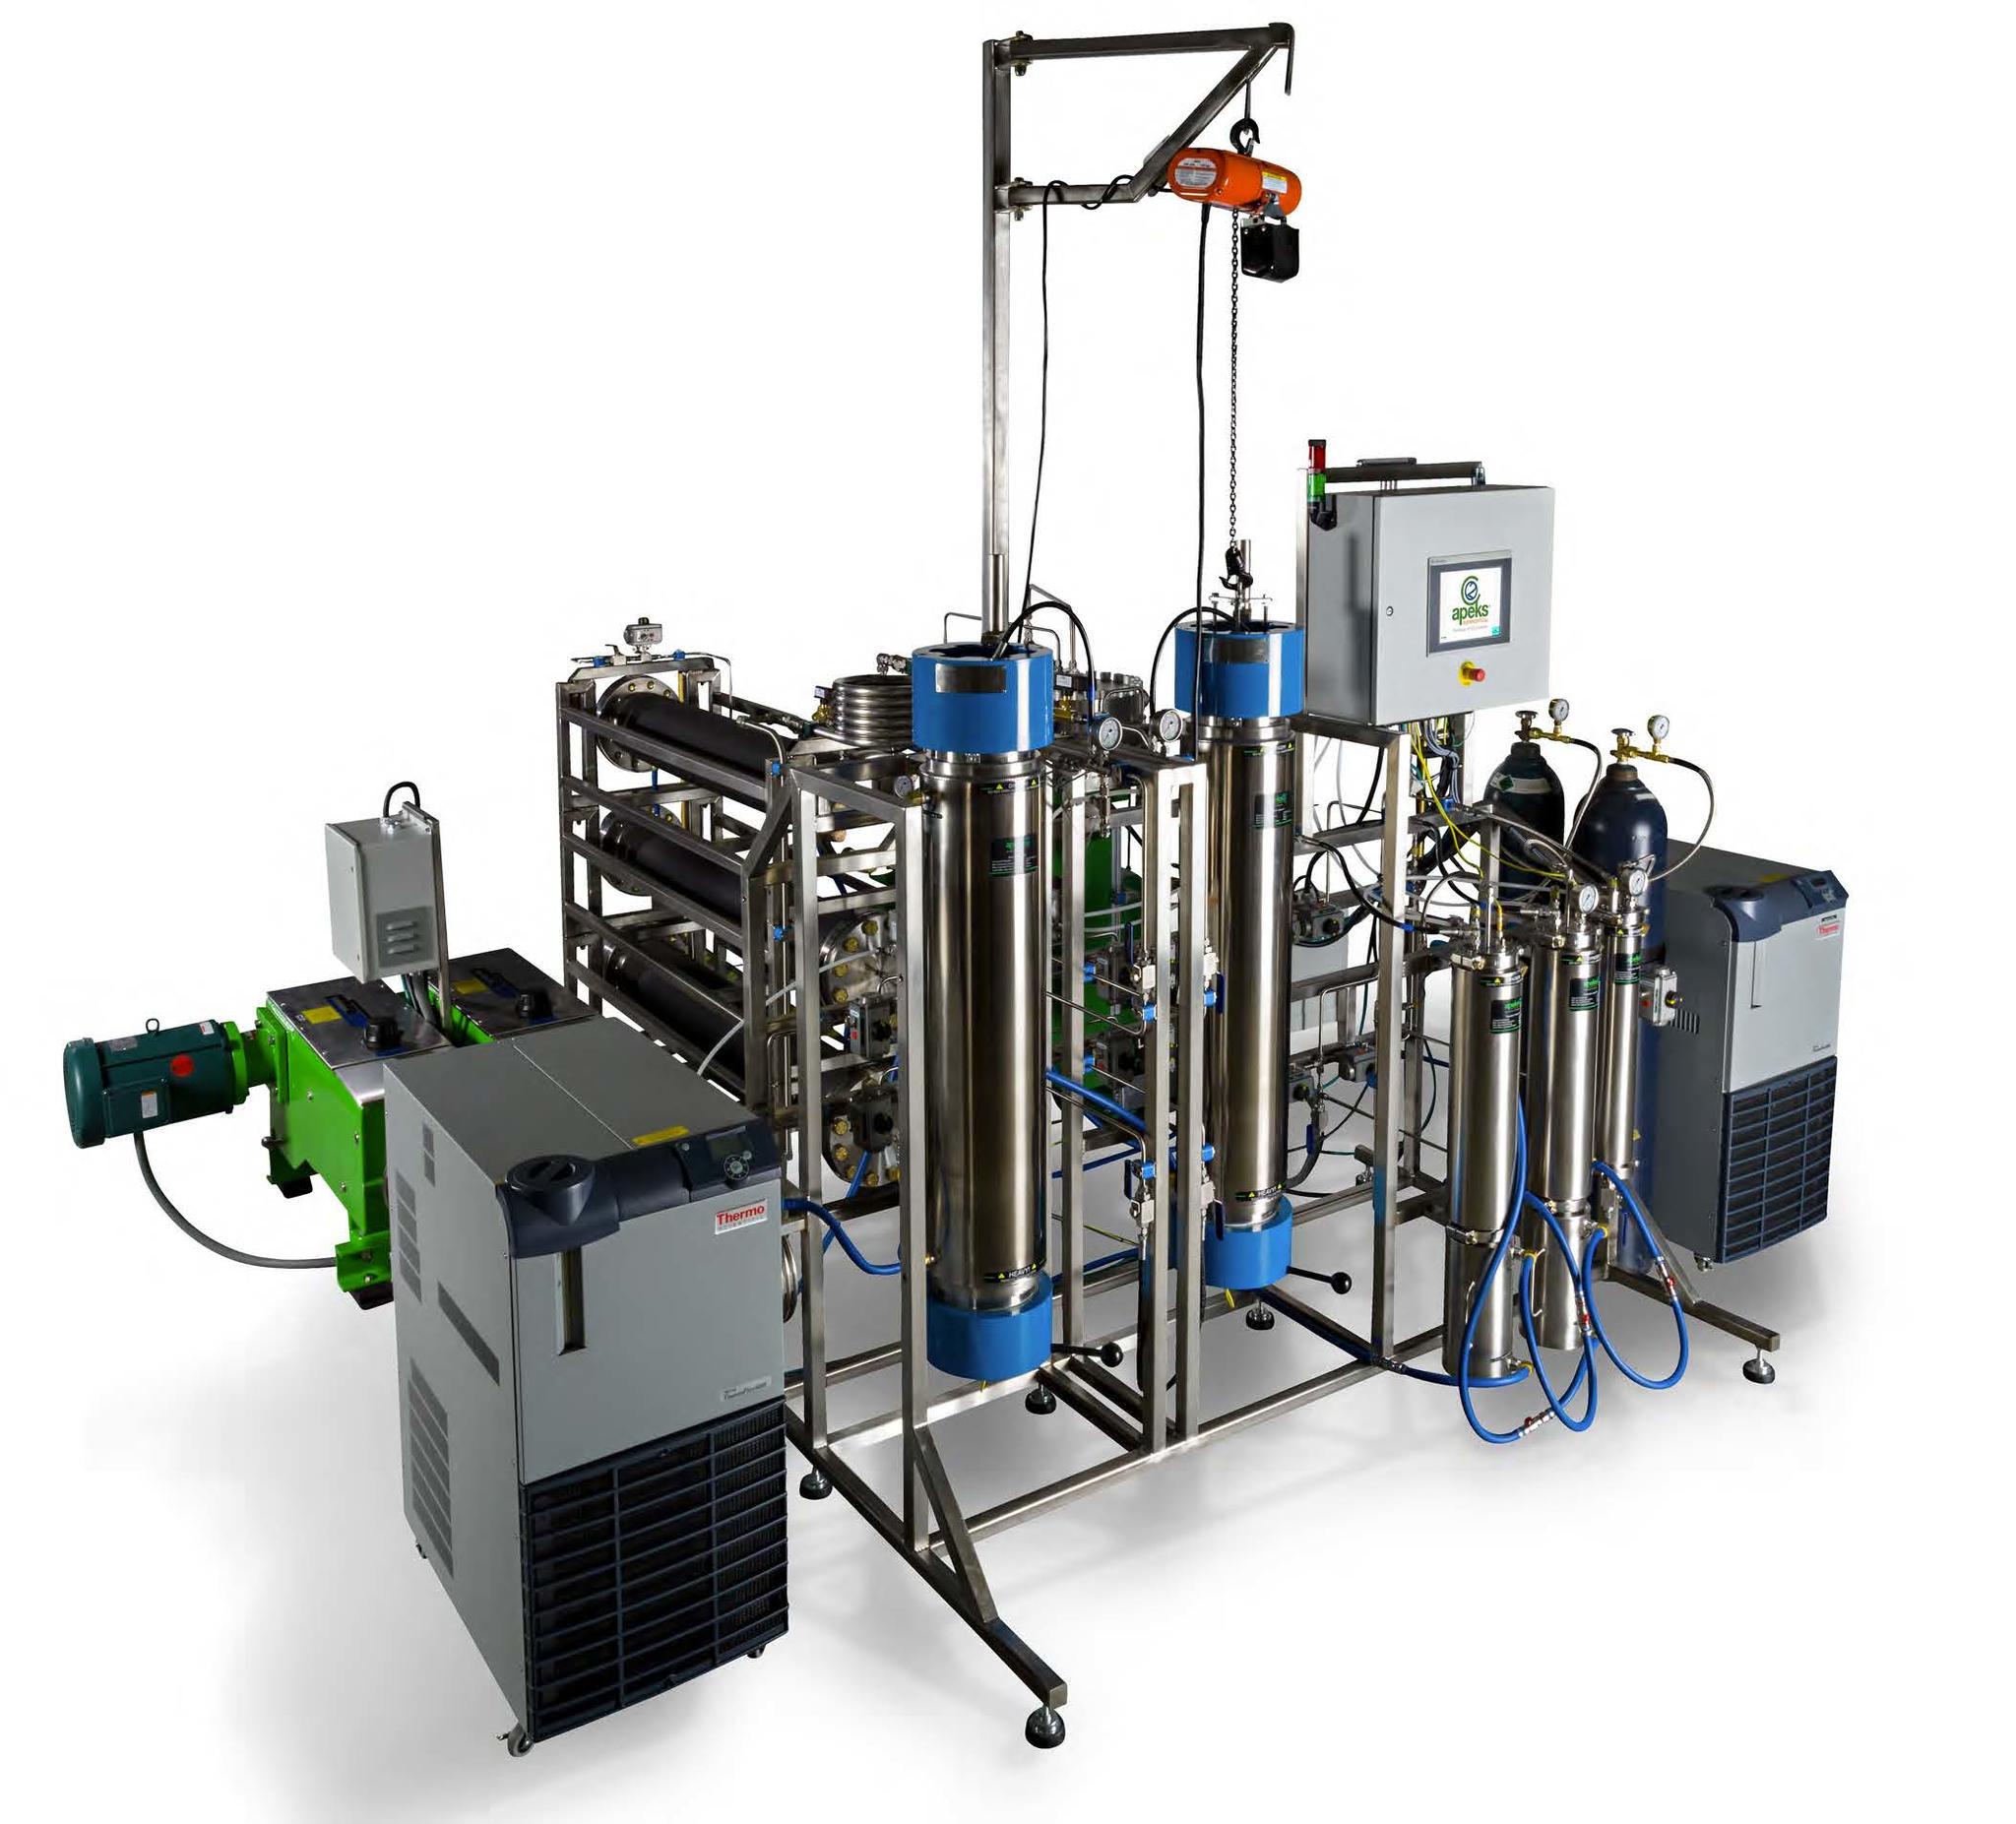 Apeks CO2 Extractor 5000PSI